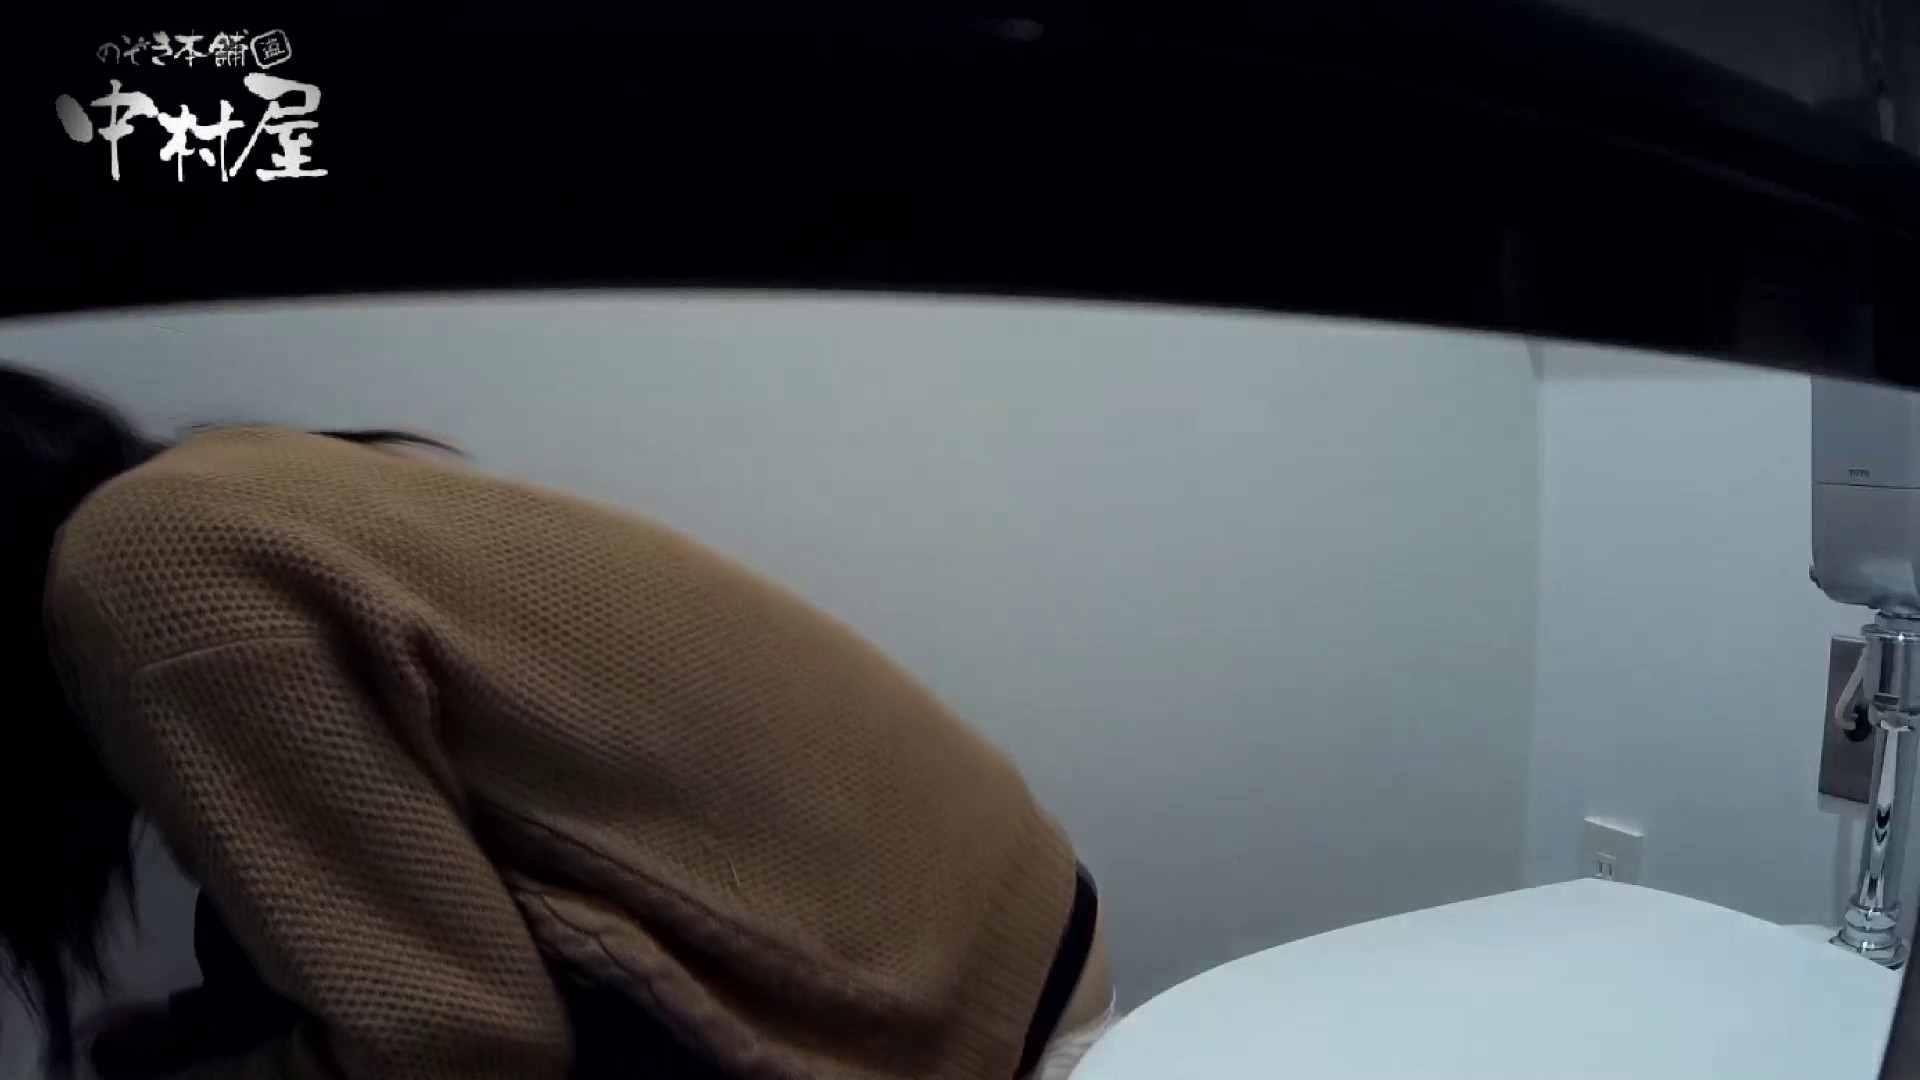 有名大学女性洗面所 vol.54 設置撮影最高峰!! 3視点でじっくり観察 美しいOLの裸体 覗きおまんこ画像 94pic 52